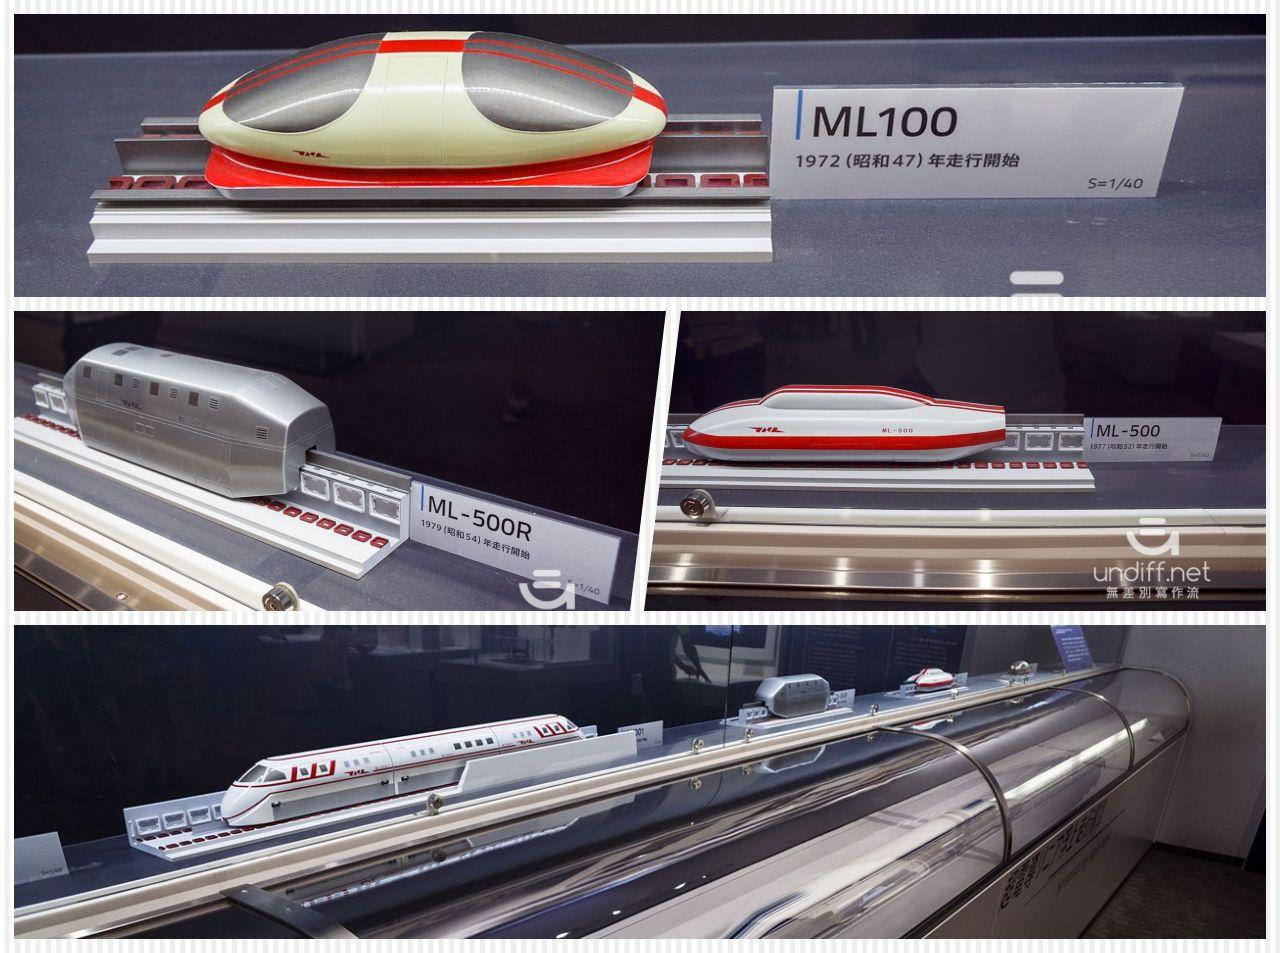 【名古屋景點】JR磁浮鐵道館 》體驗鐵道歷史與科技進步的軌跡 66